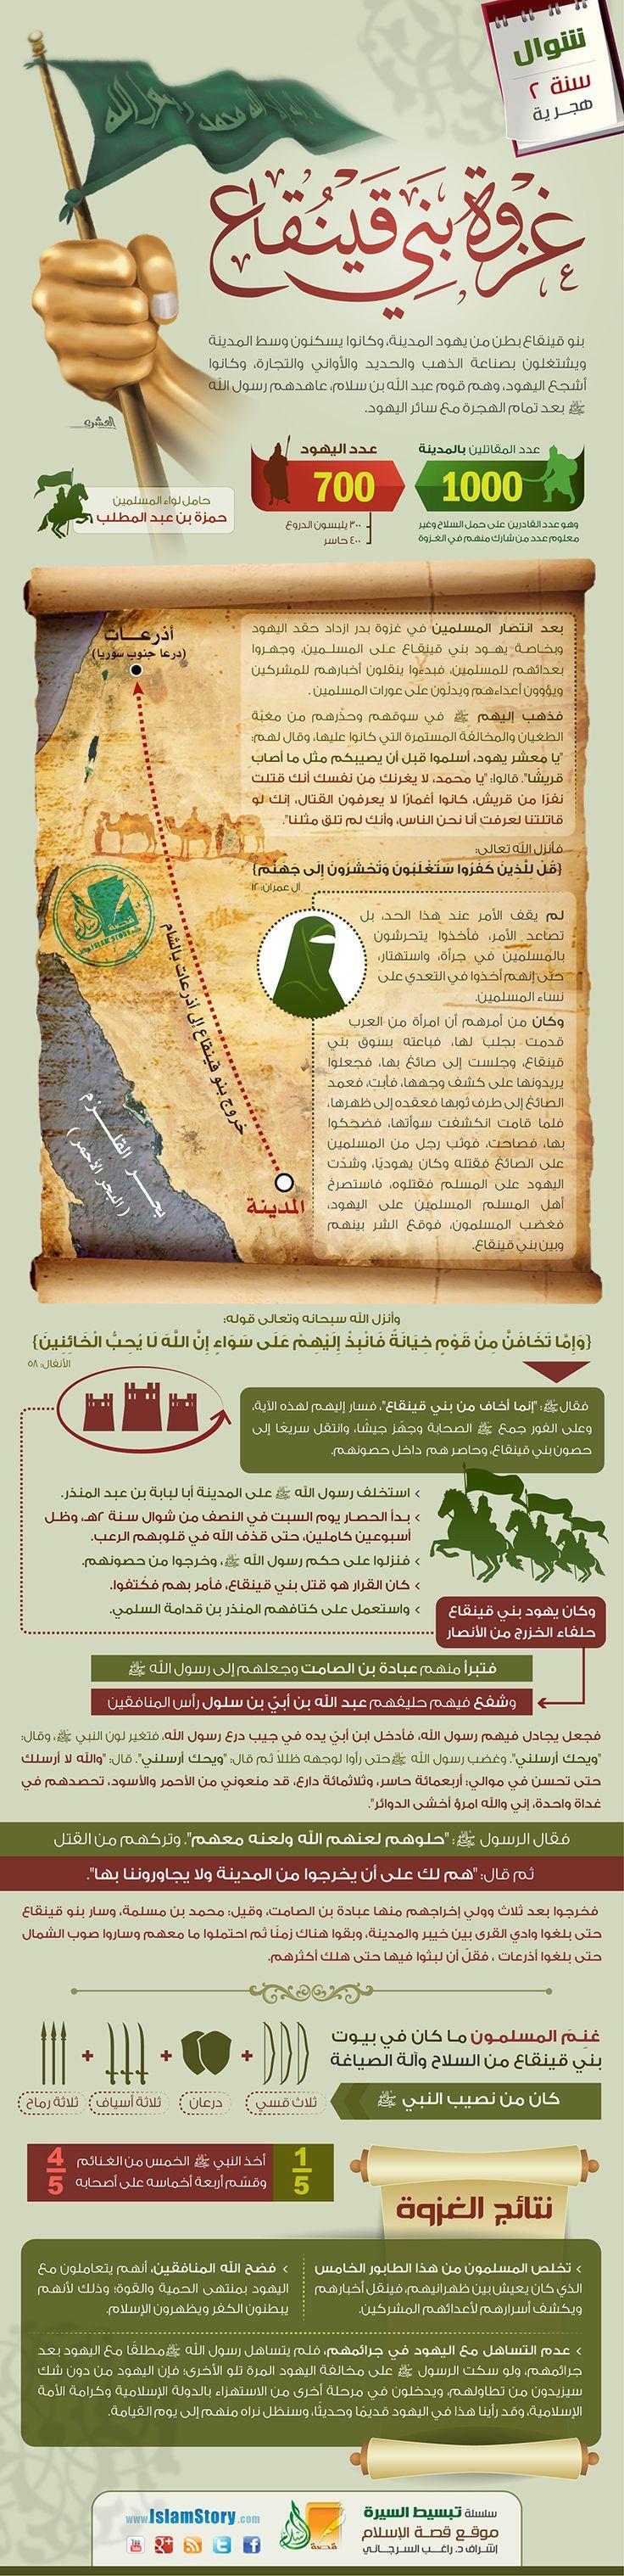 إنفوجرافيك غزوة خيبر - غزوات الرسول | موقع قصة الإسلام - إشراف د/ راغب السرجاني